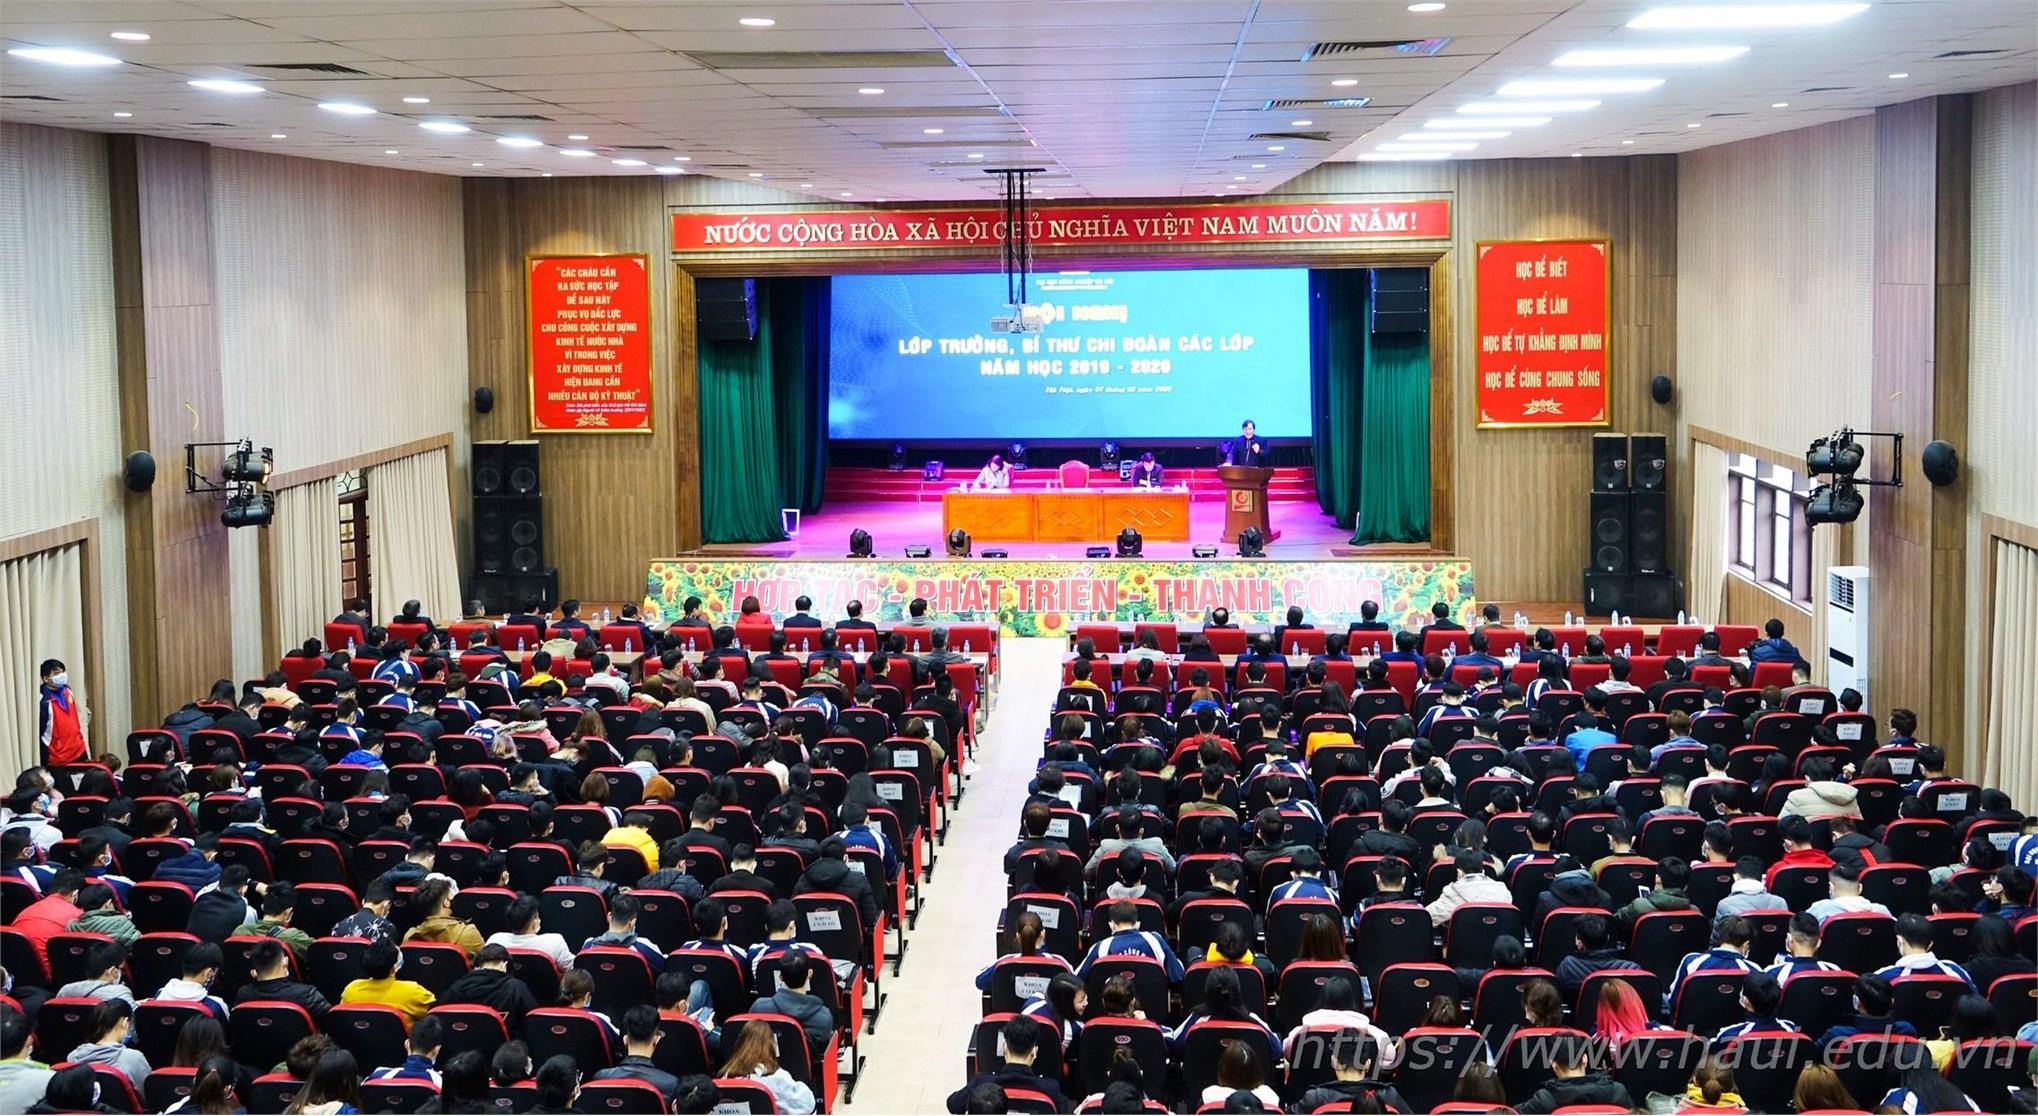 Hội nghị Bí thư Lớp trưởng 2020 đại học công nghiệp Hà Nội